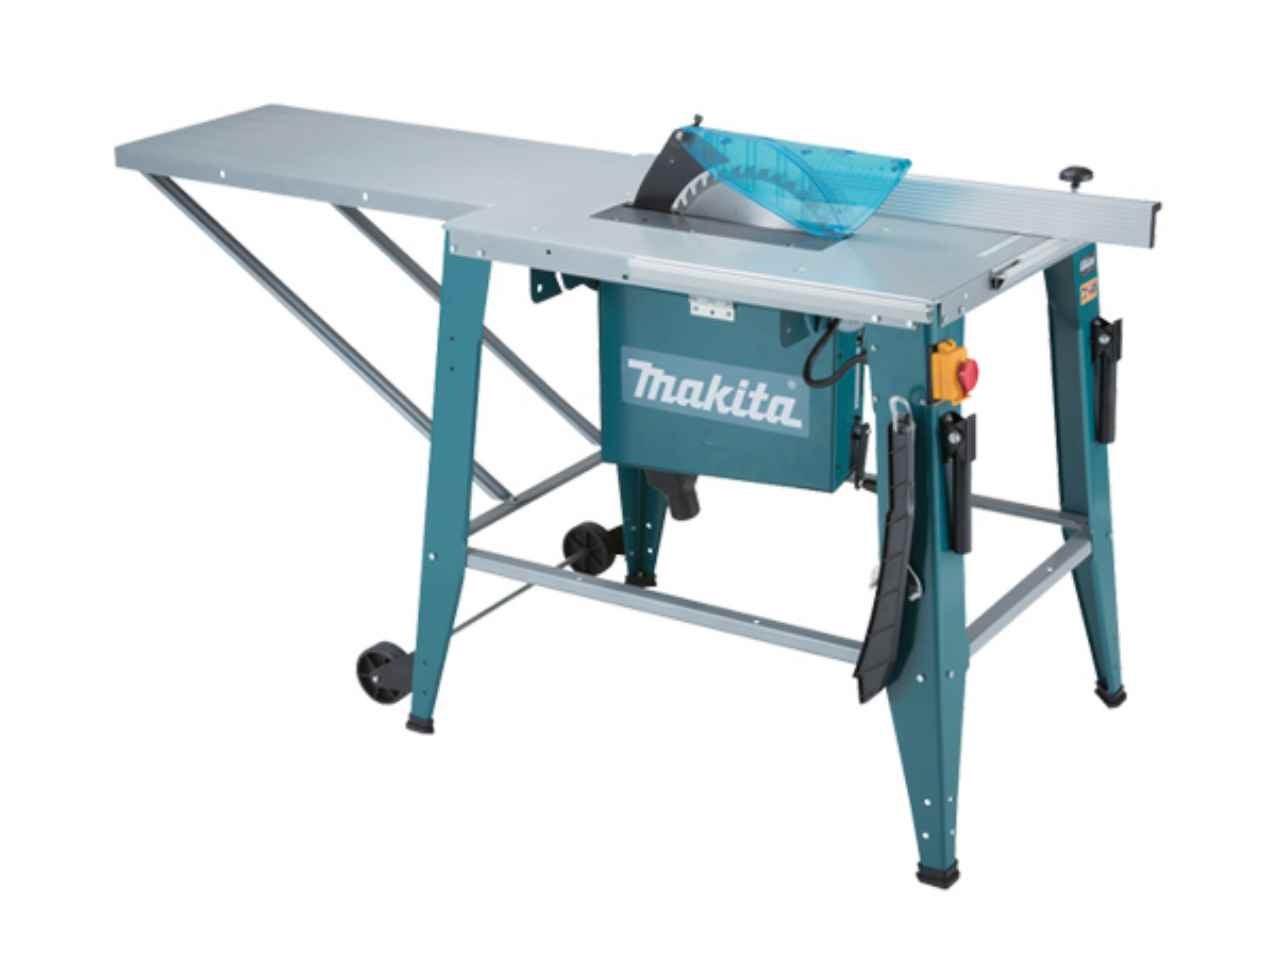 Makita 2712/1 110v 315mm Table Saw